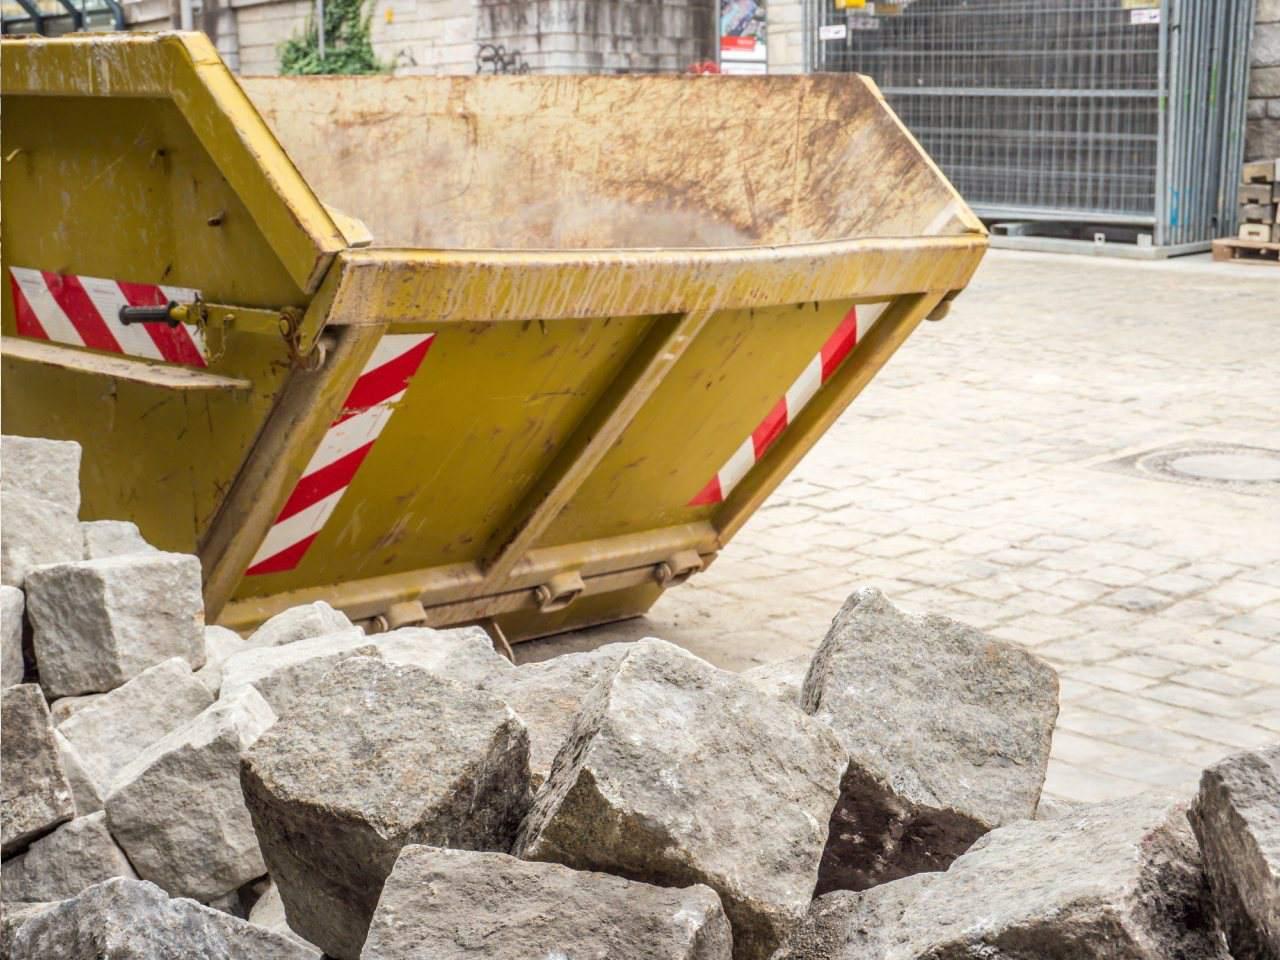 Dlaczego warto korzystać z kontenerów na odpady?